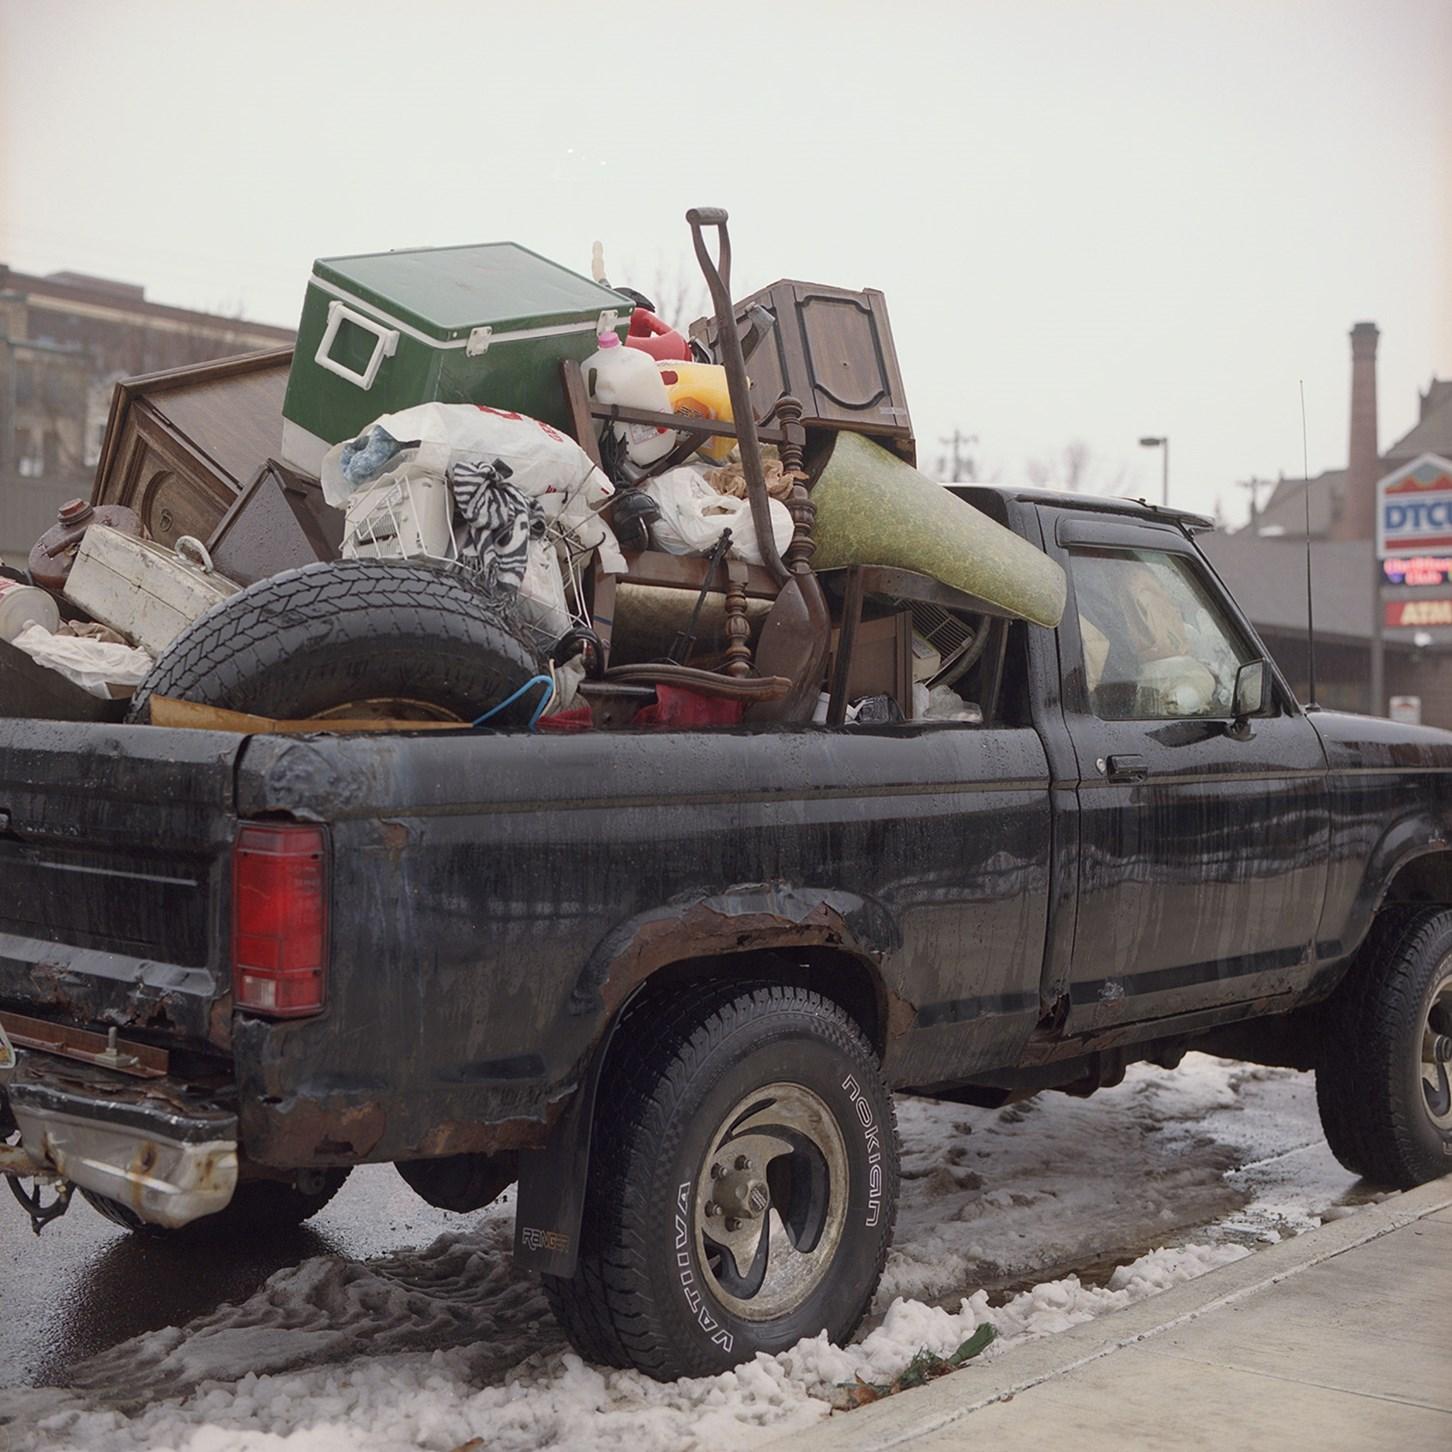 Truck Full Of Junk, Duluth, Minnesota, November 2016